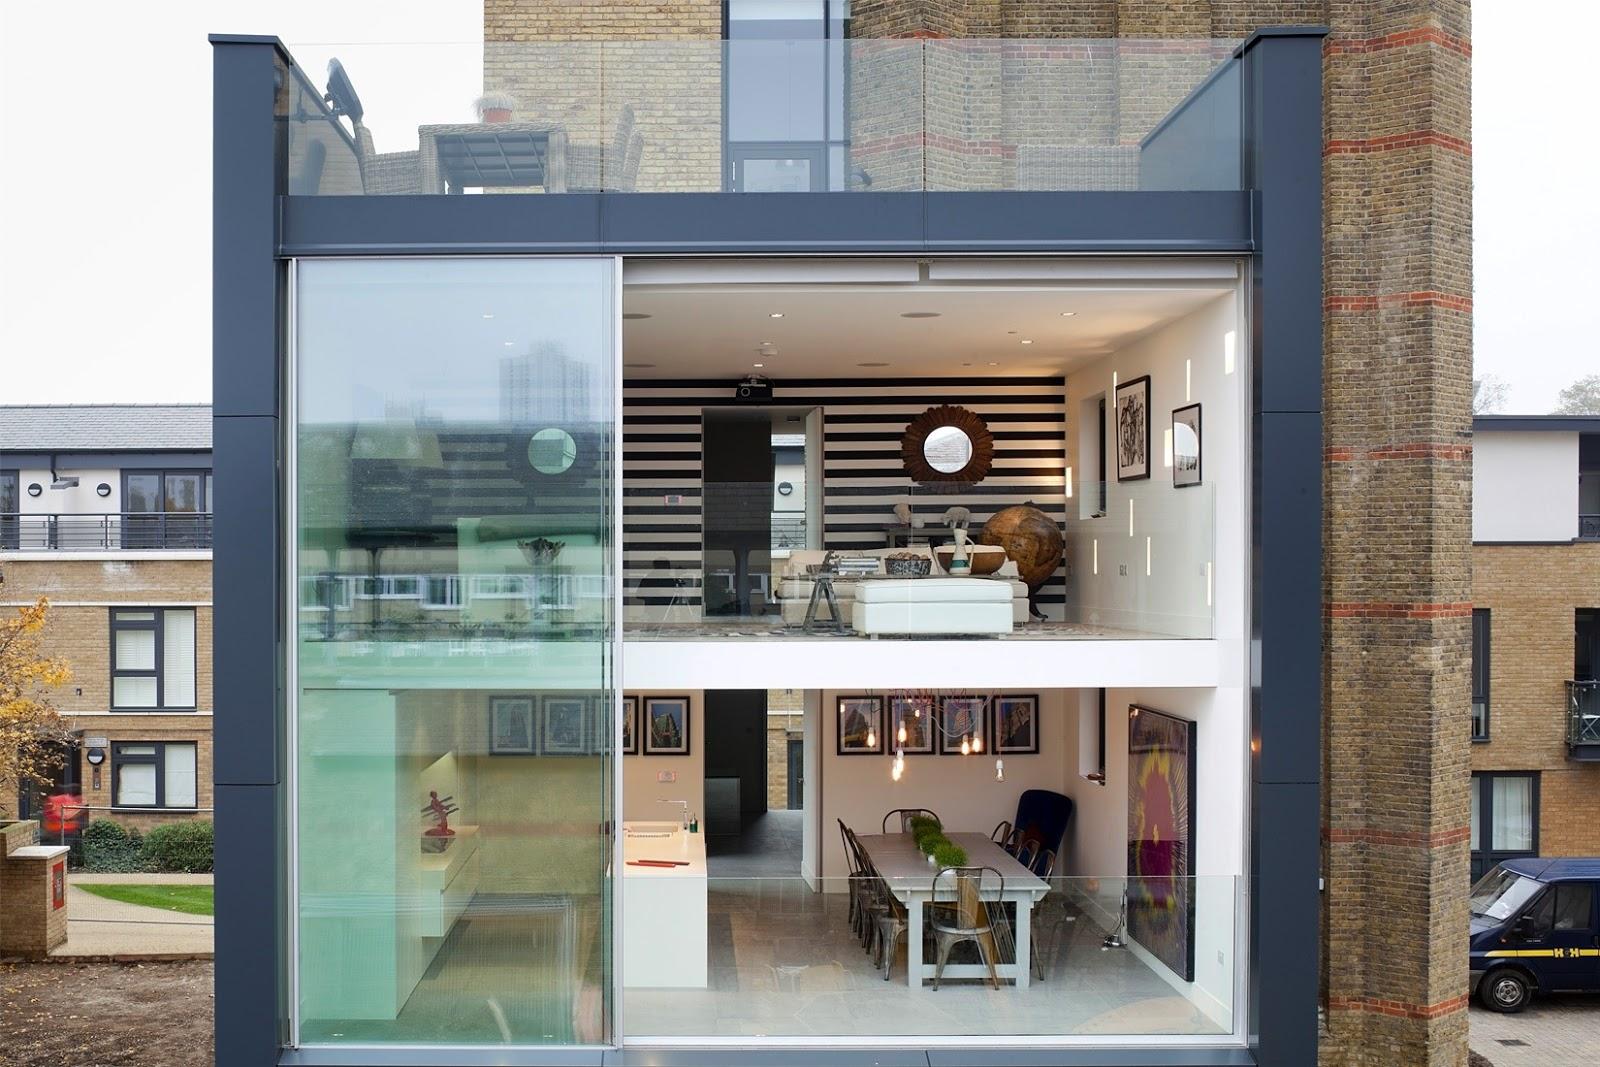 The water tower di londra convertita in casa unifamiliare for Piani di progettazione della casa 3d 4 camere da letto